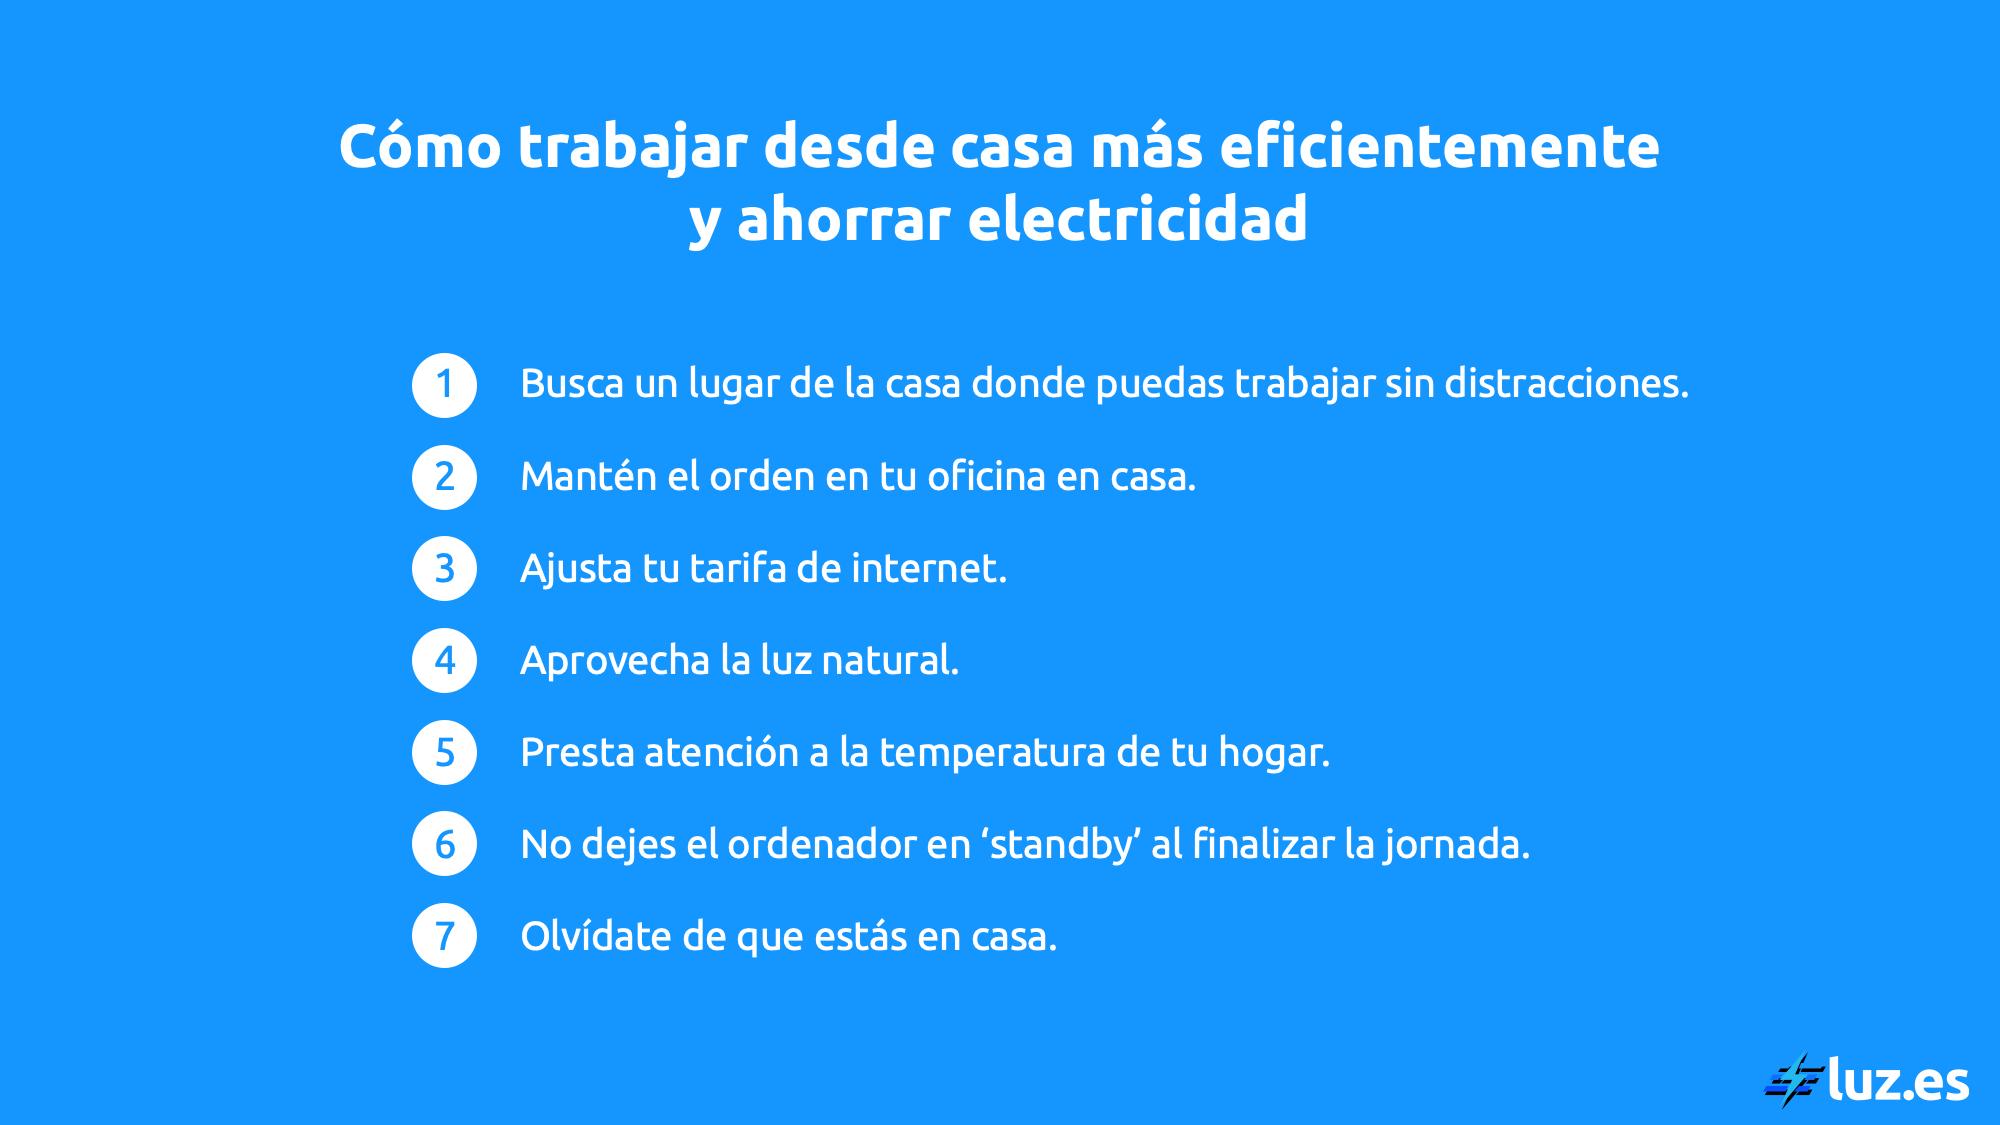 Lista de consejos para trabajar más eficientemente desde casa y ahorrar electricidad  - Luz.es